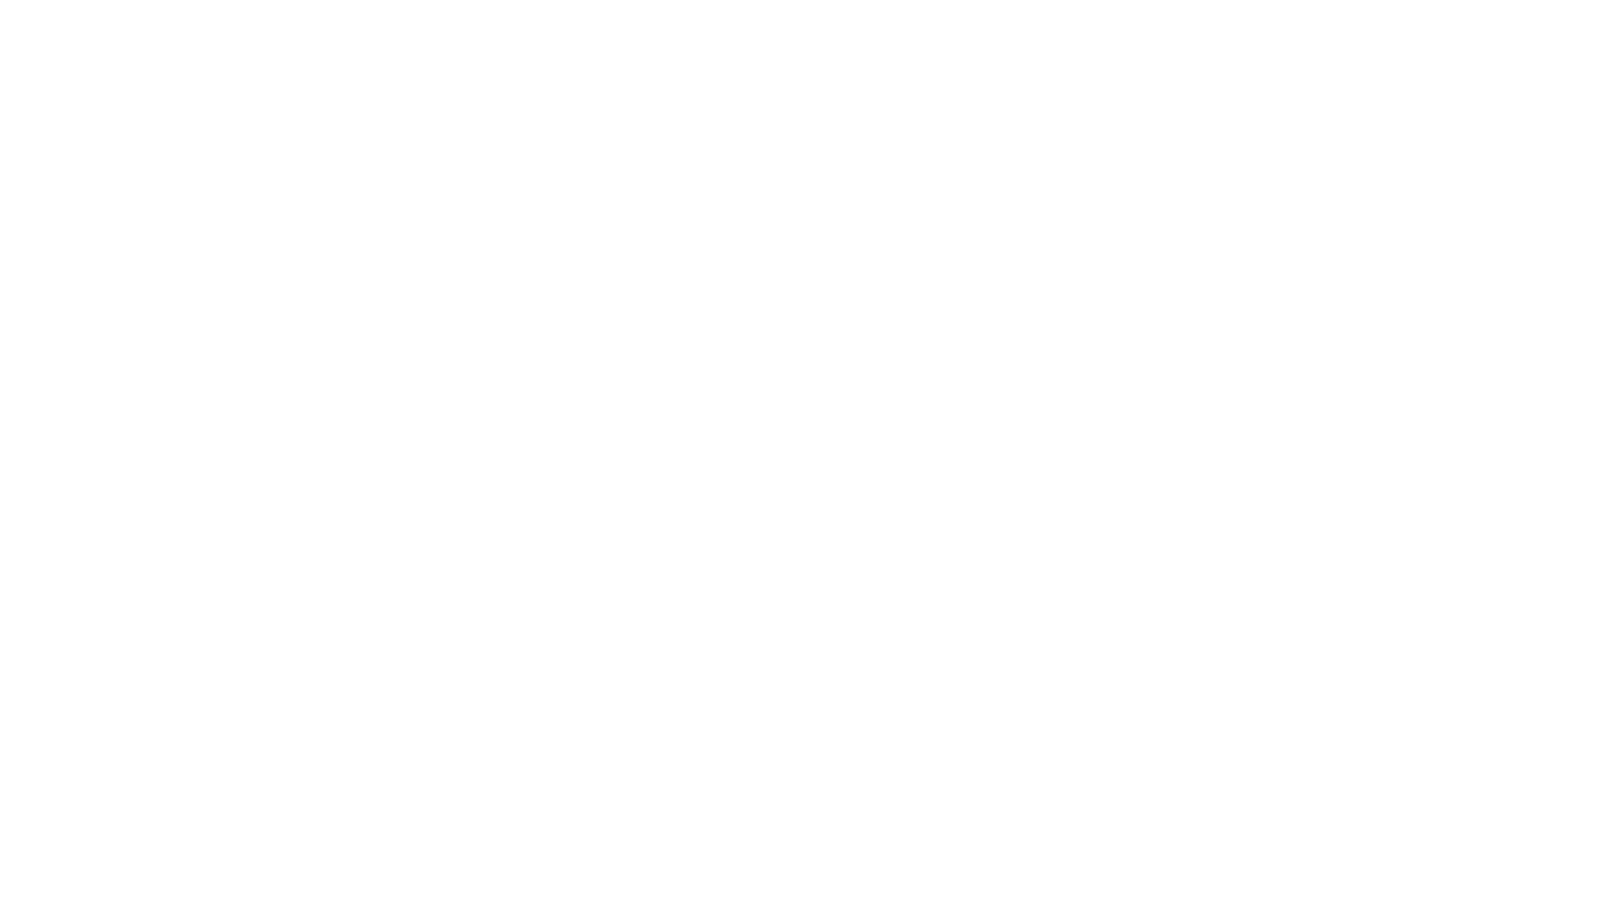 """Estratto dello spettacolo """"Cose di questo mondo"""" disponibile su Netflix: https://www.netflix.com/it/title/81041272"""